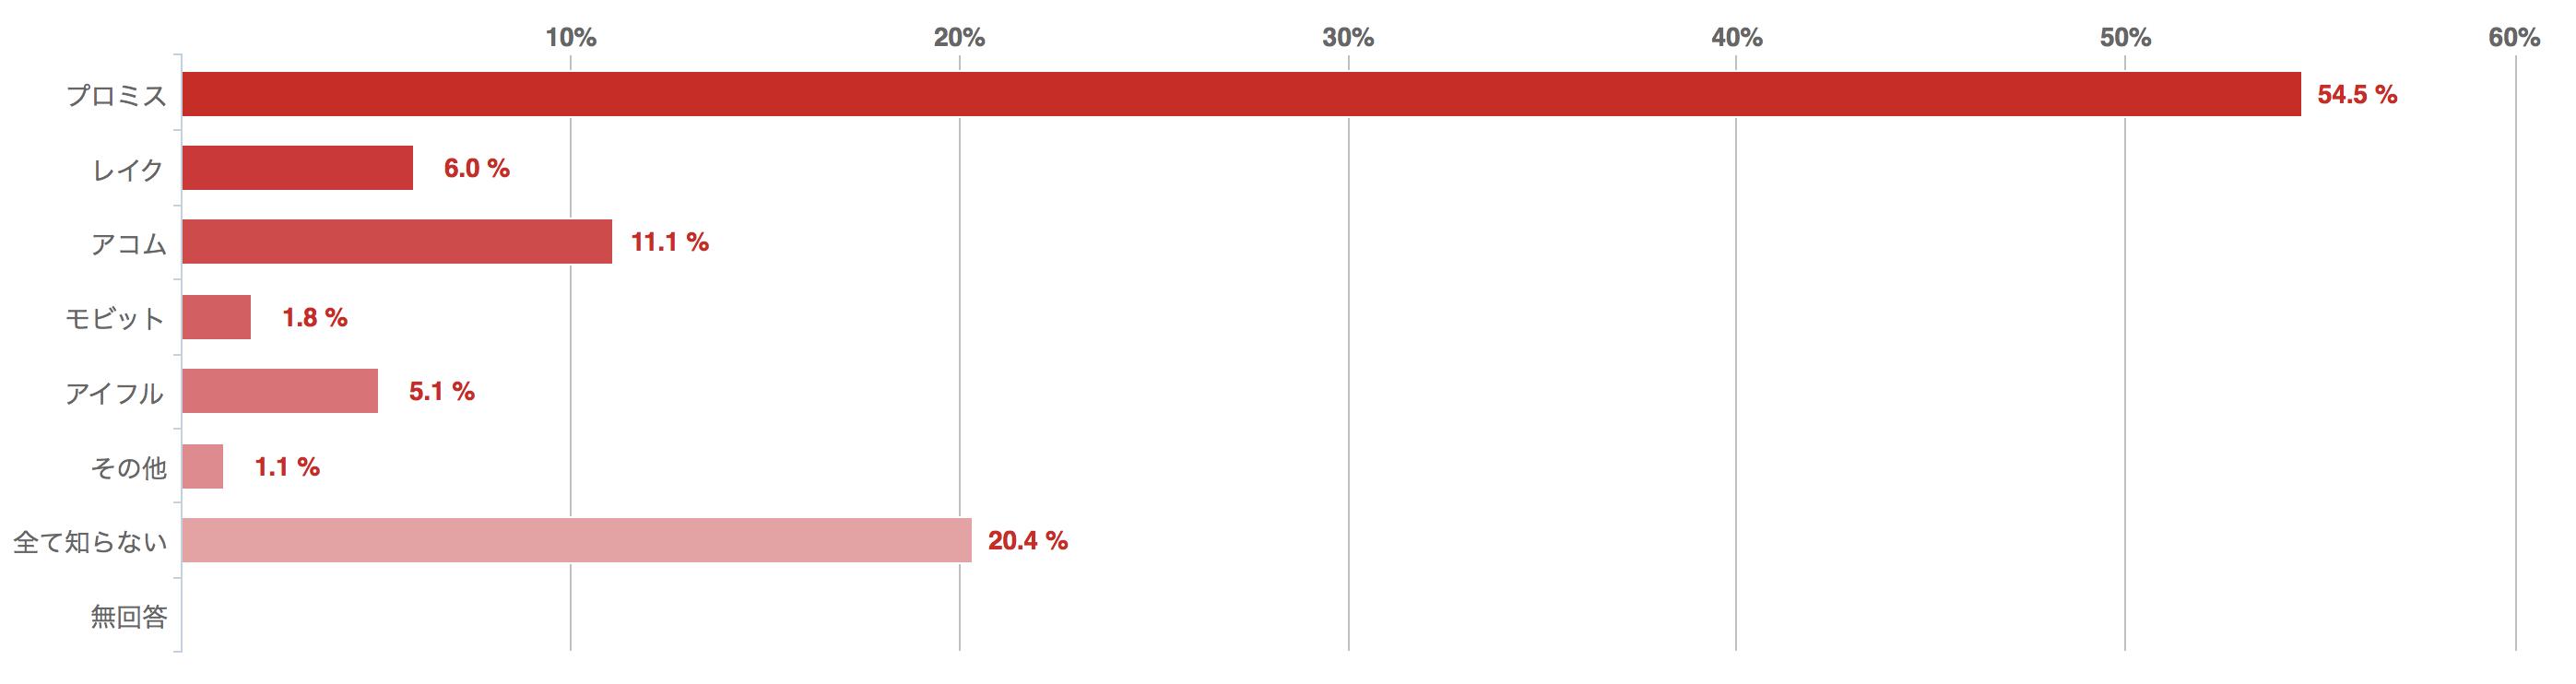 あなたが知っている「カードローン」のブランドを教えてください、回答グラフ